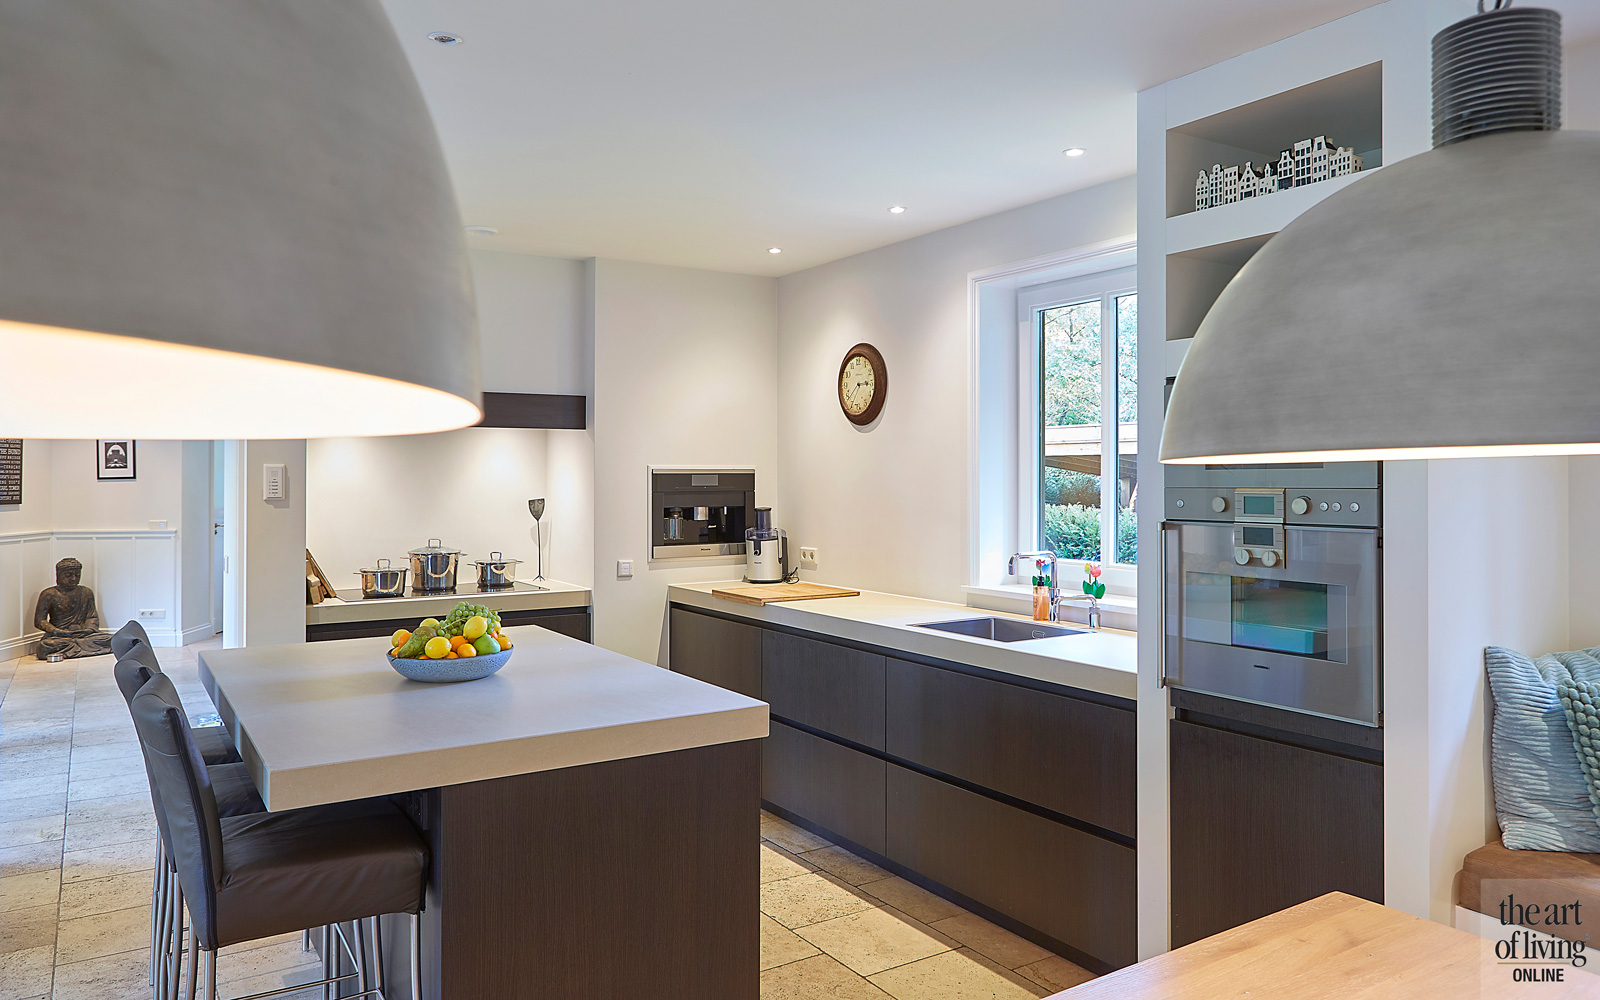 De woonkeuken van Van Diessen Keukens , keuken, renovatie, Margry Arts Architecten